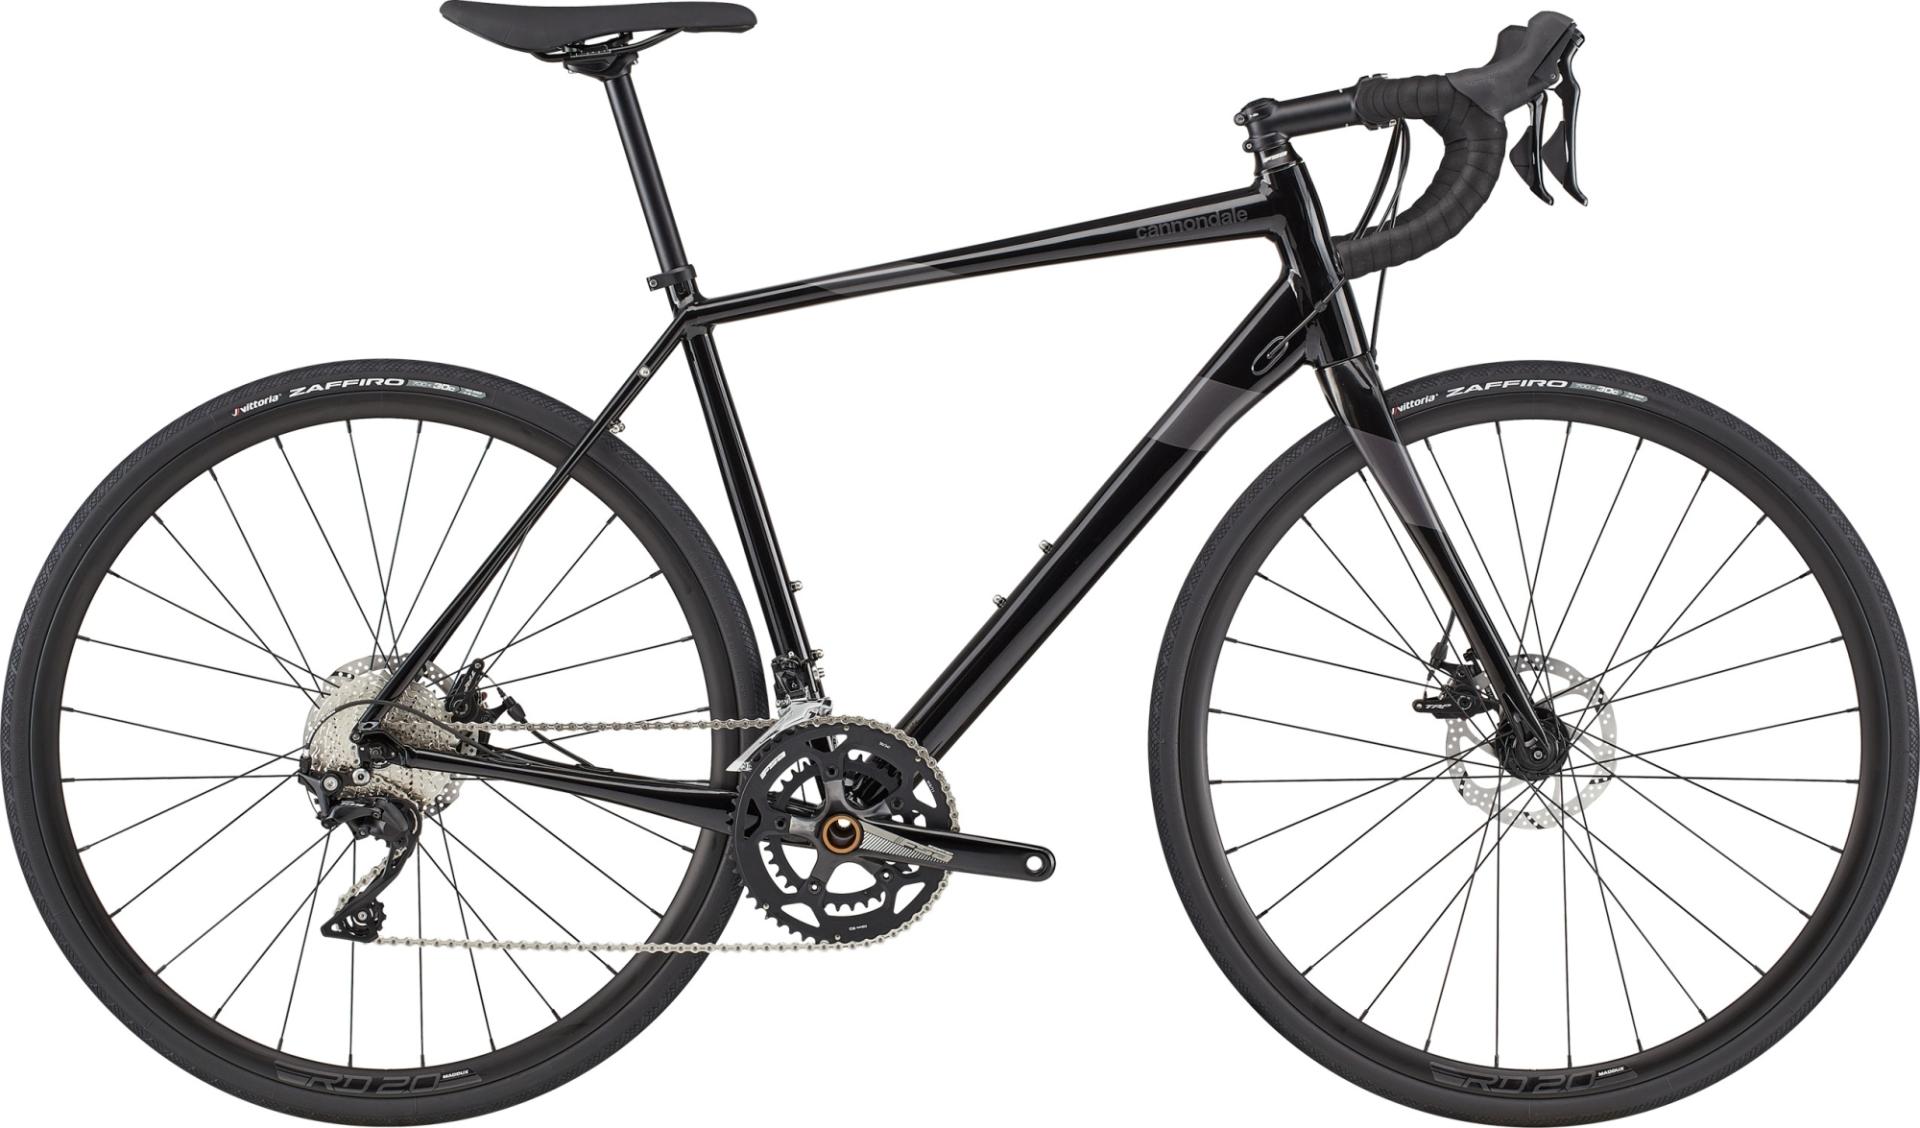 Cannondale Synapse 105 országúti kerékpár - fekete - 51 cm (2020)